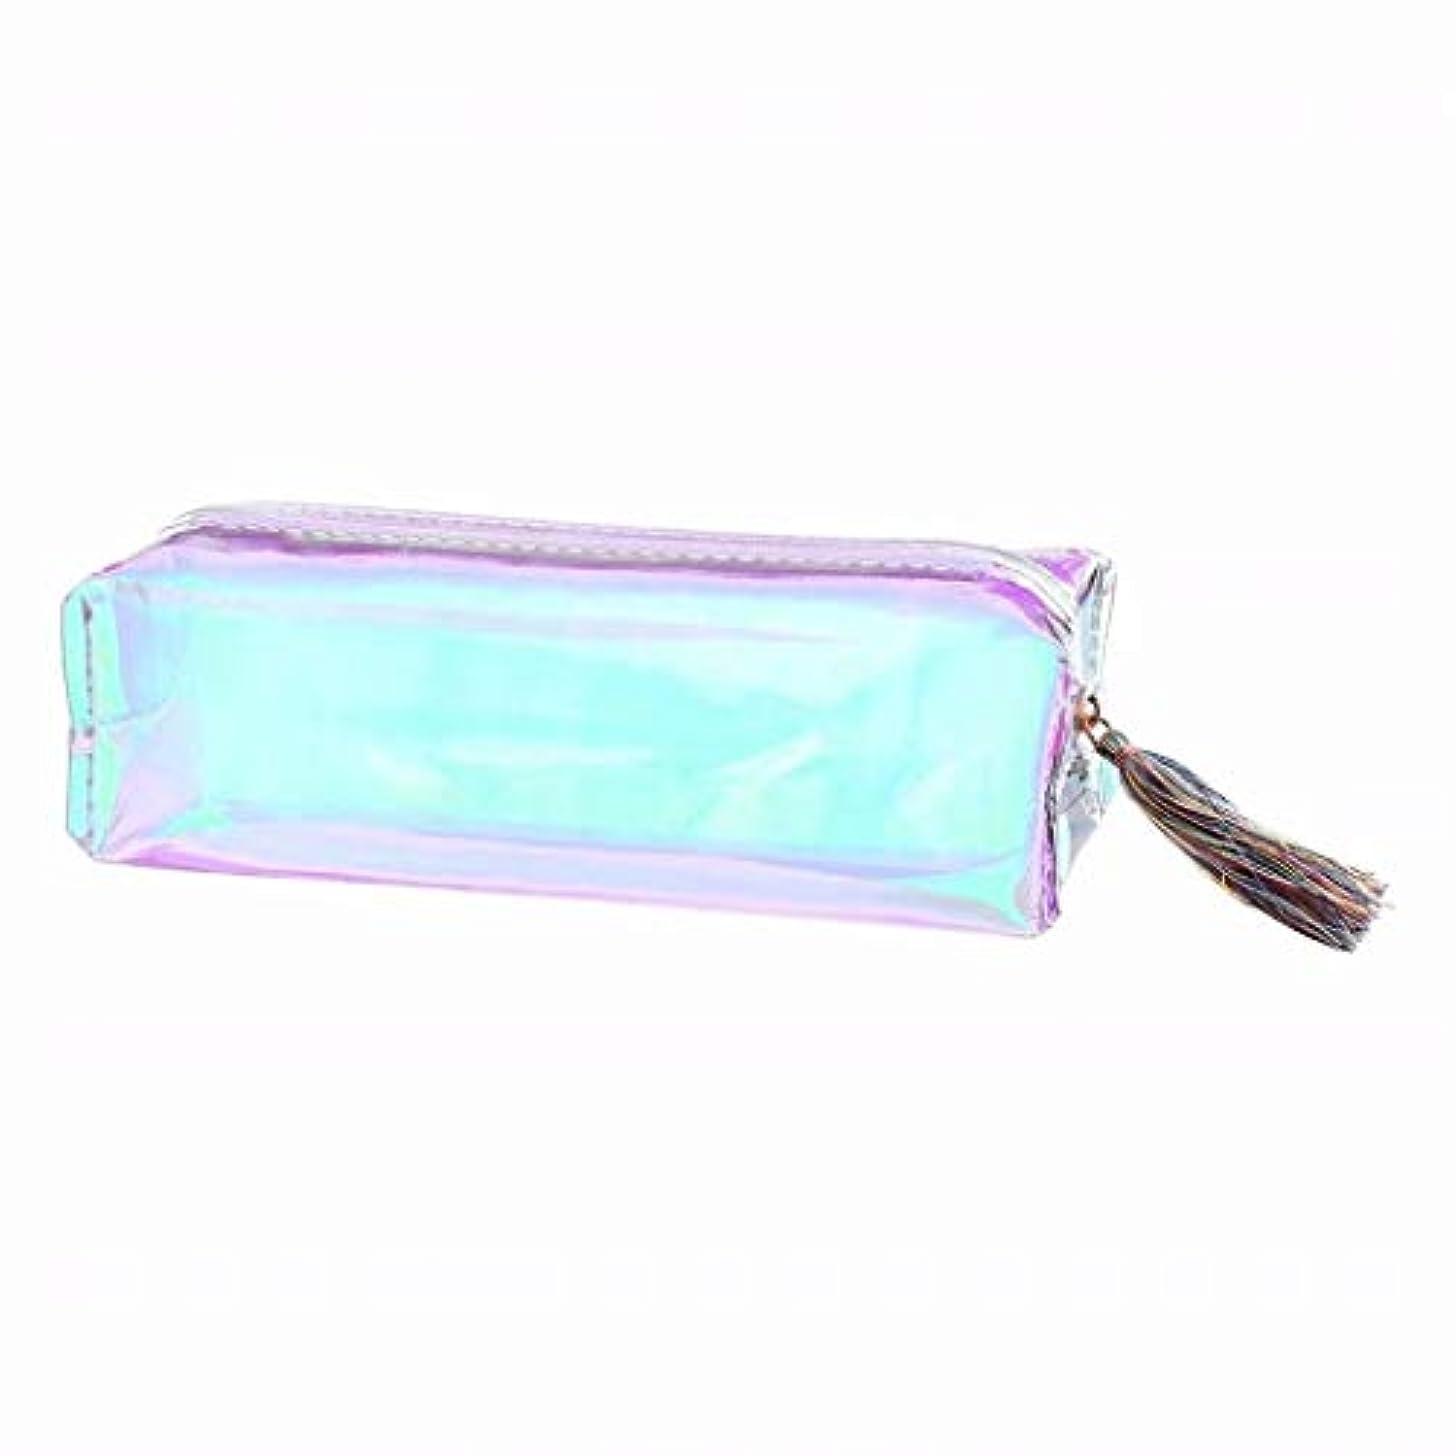 試みる技術債務七里の香 大容量の文房具の鉛筆のペンケースの化粧品袋のジッパーの袋の財布